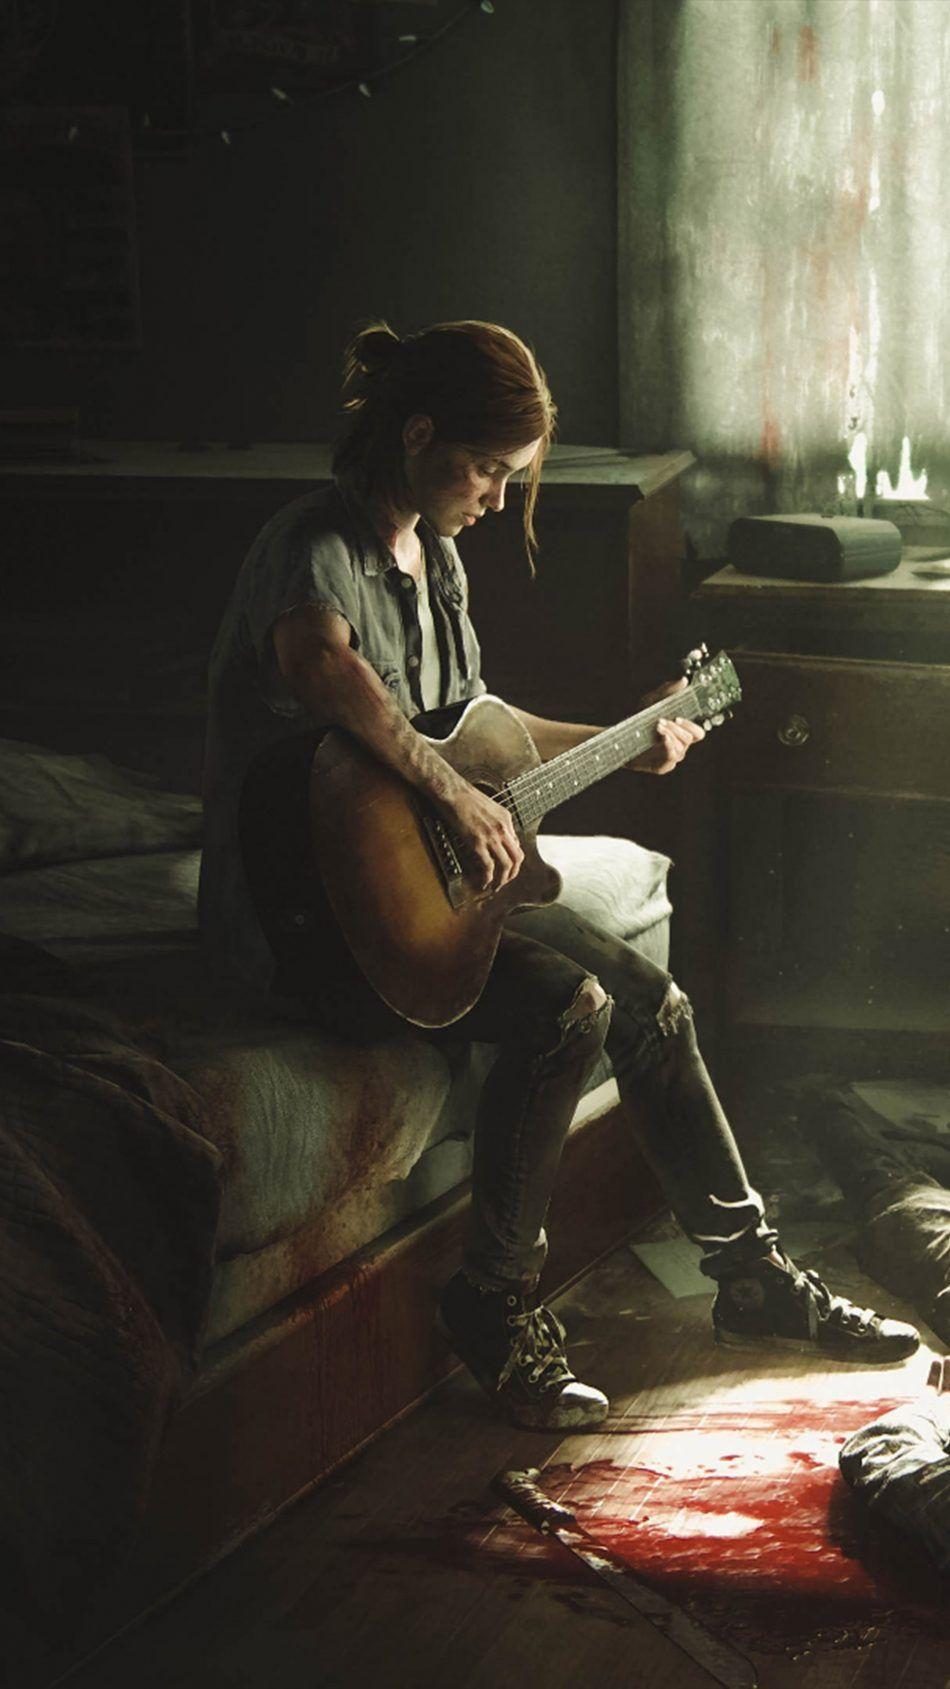 Ellie The Last of Us II Psteres de filmes Papis de parede de 950x1689